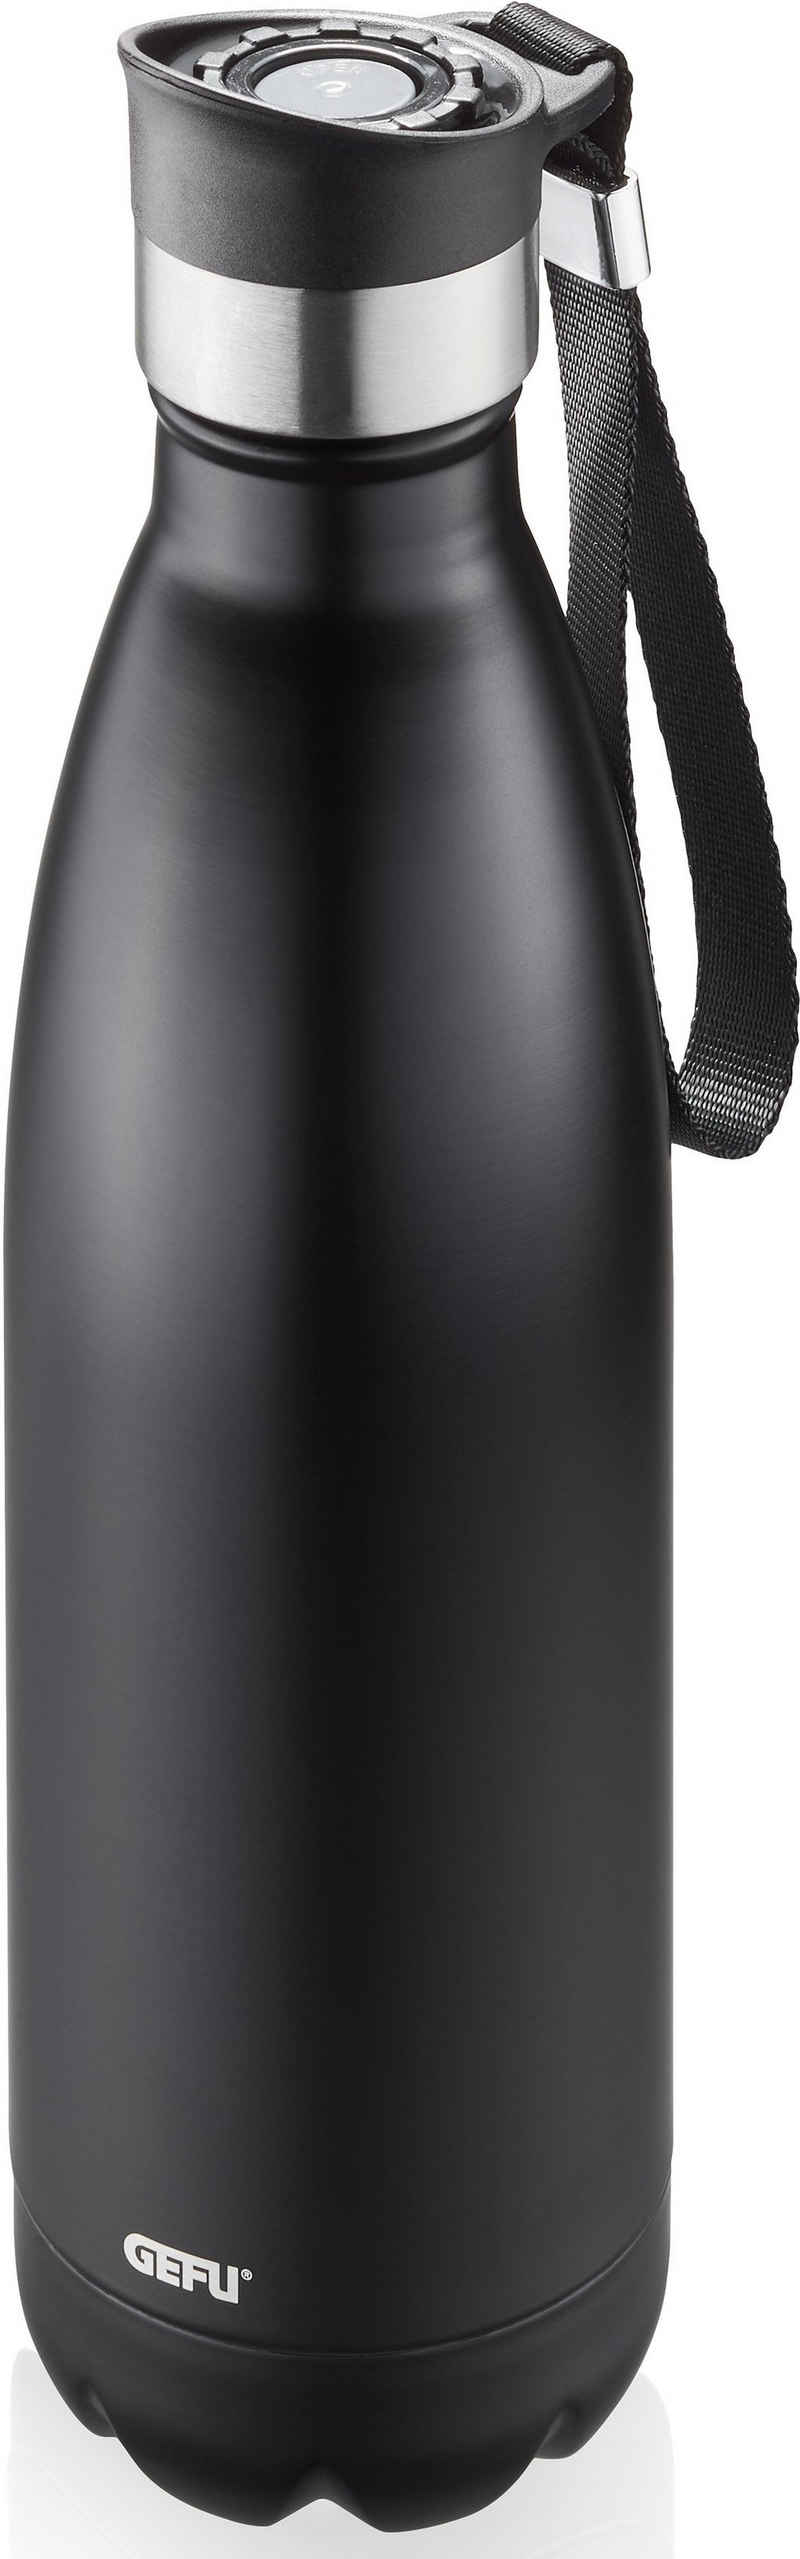 GEFU Thermoflasche »OLIMPIO«, ideal für kohlensäurehaltige Getränke